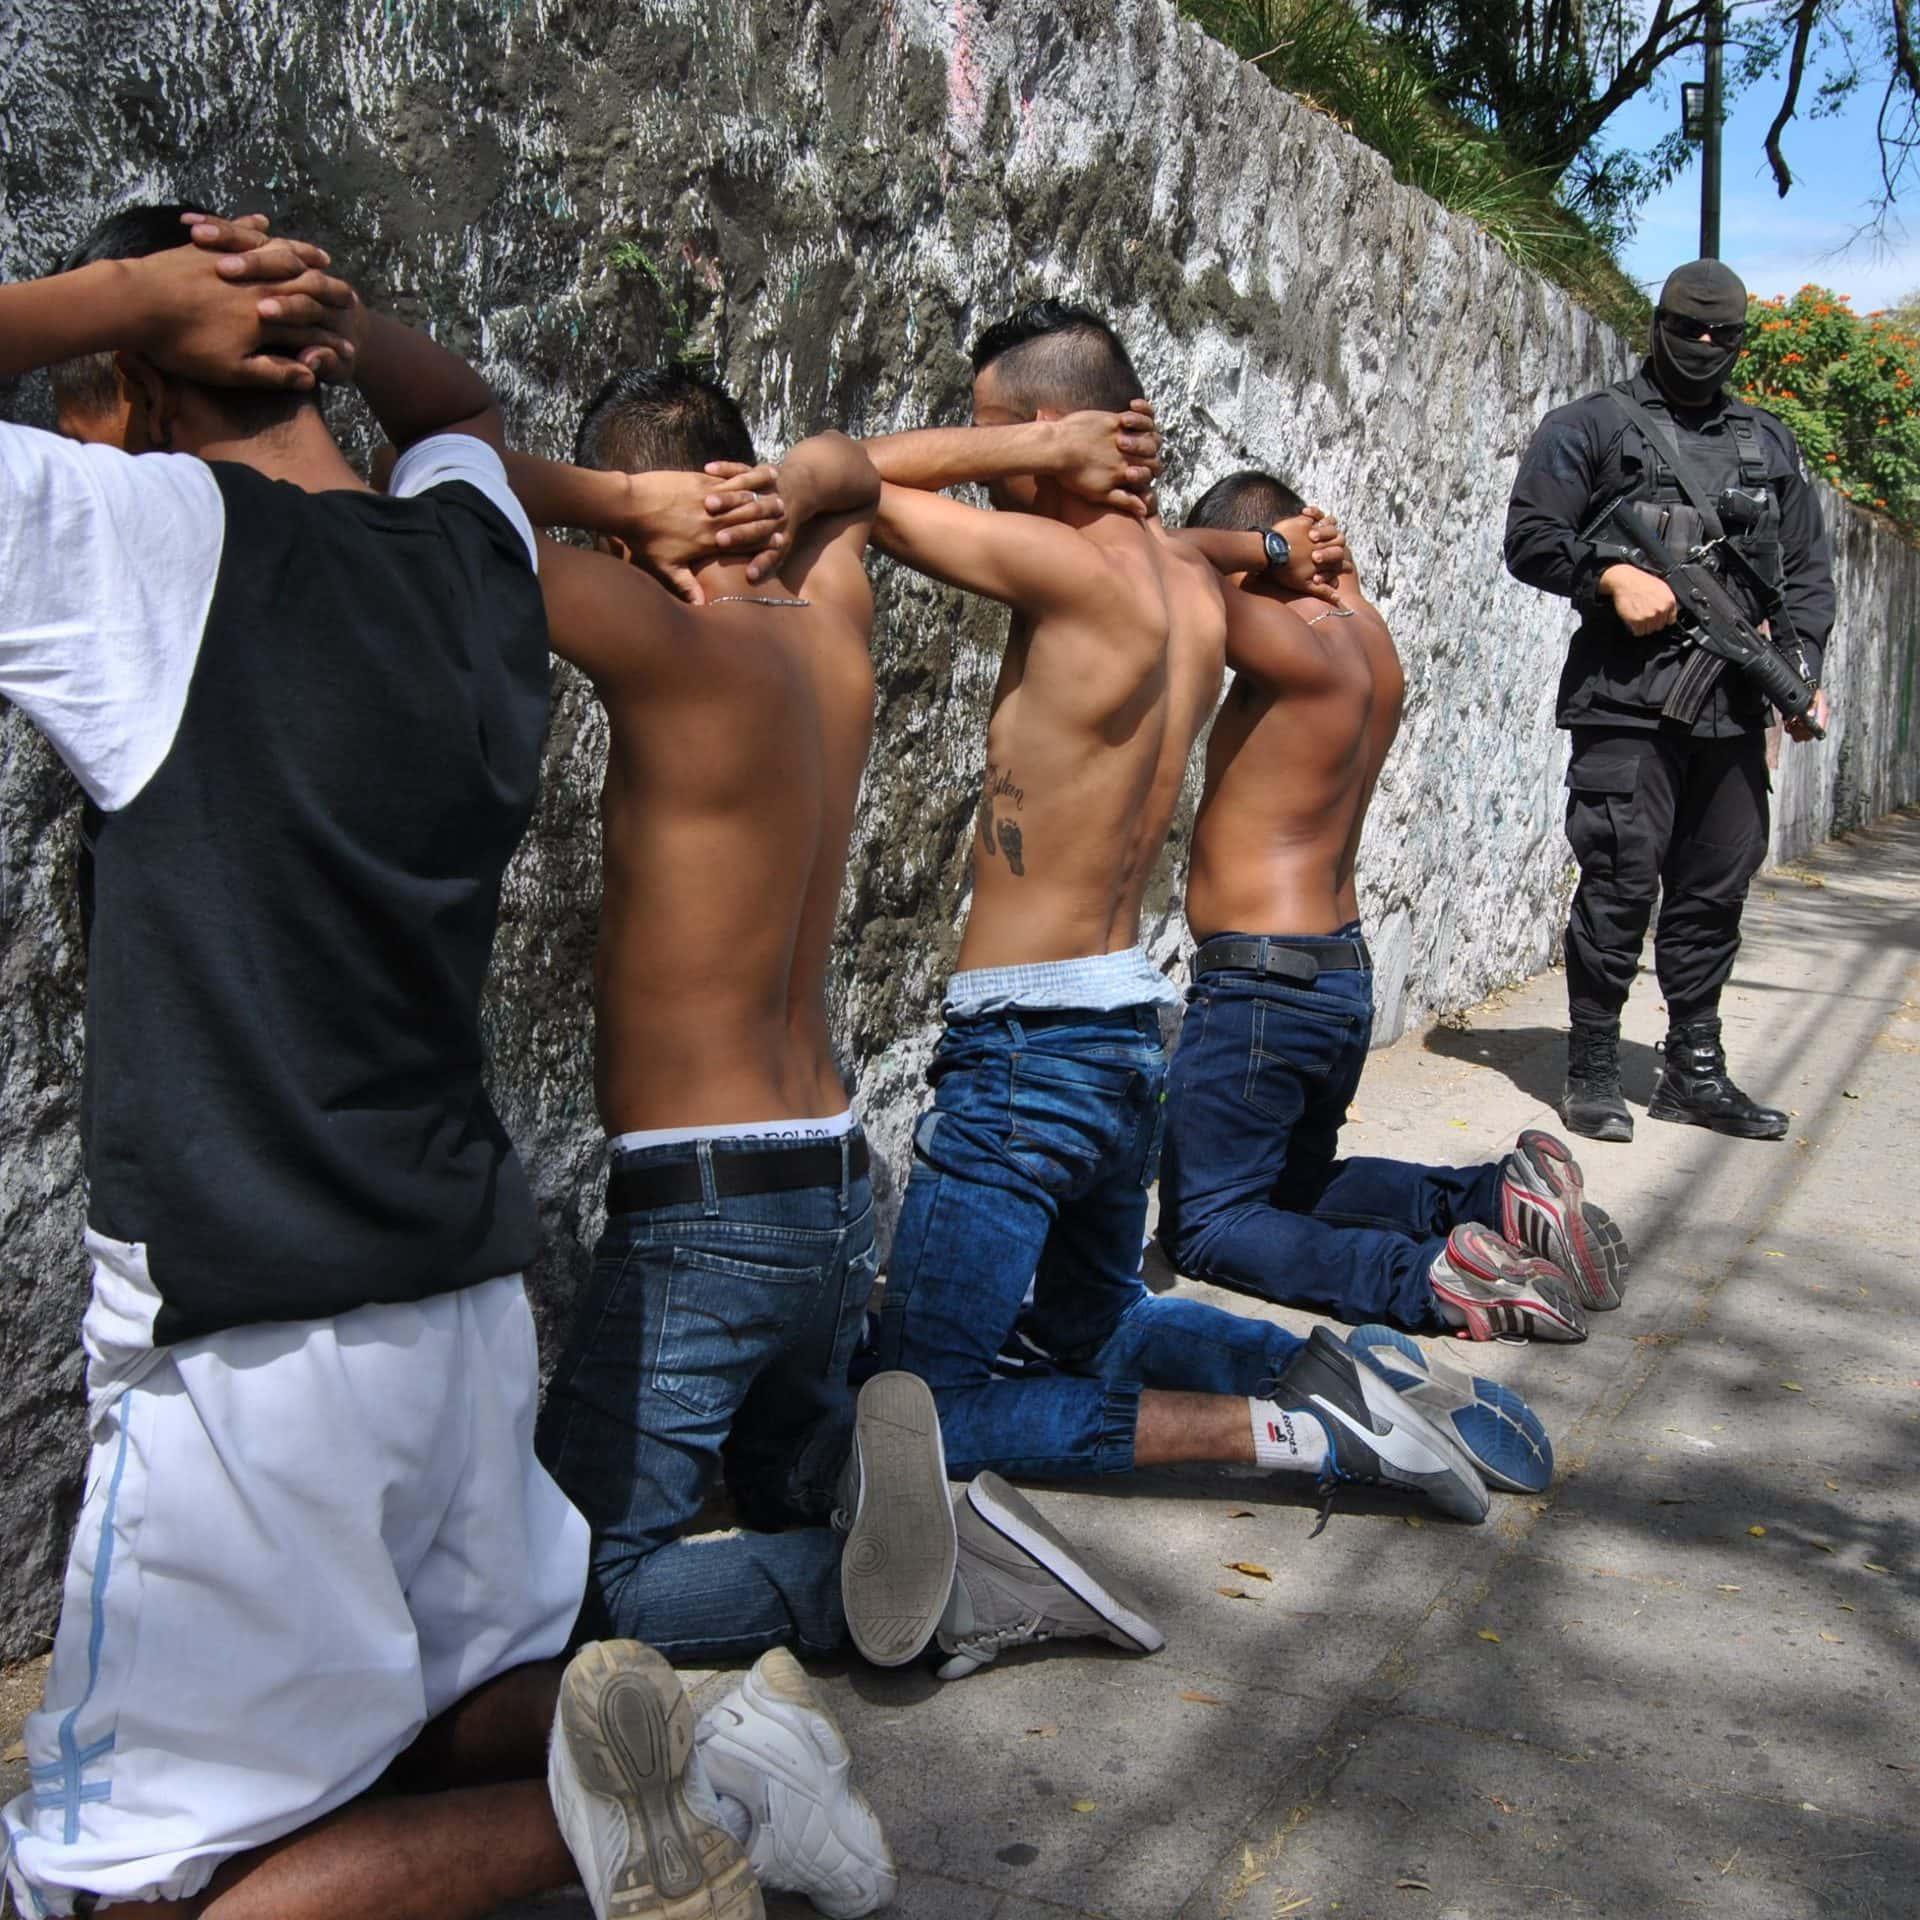 Ein vermumter Polizist in Schwarz und mit Maschinenpistole bewacht vier Jugendliche